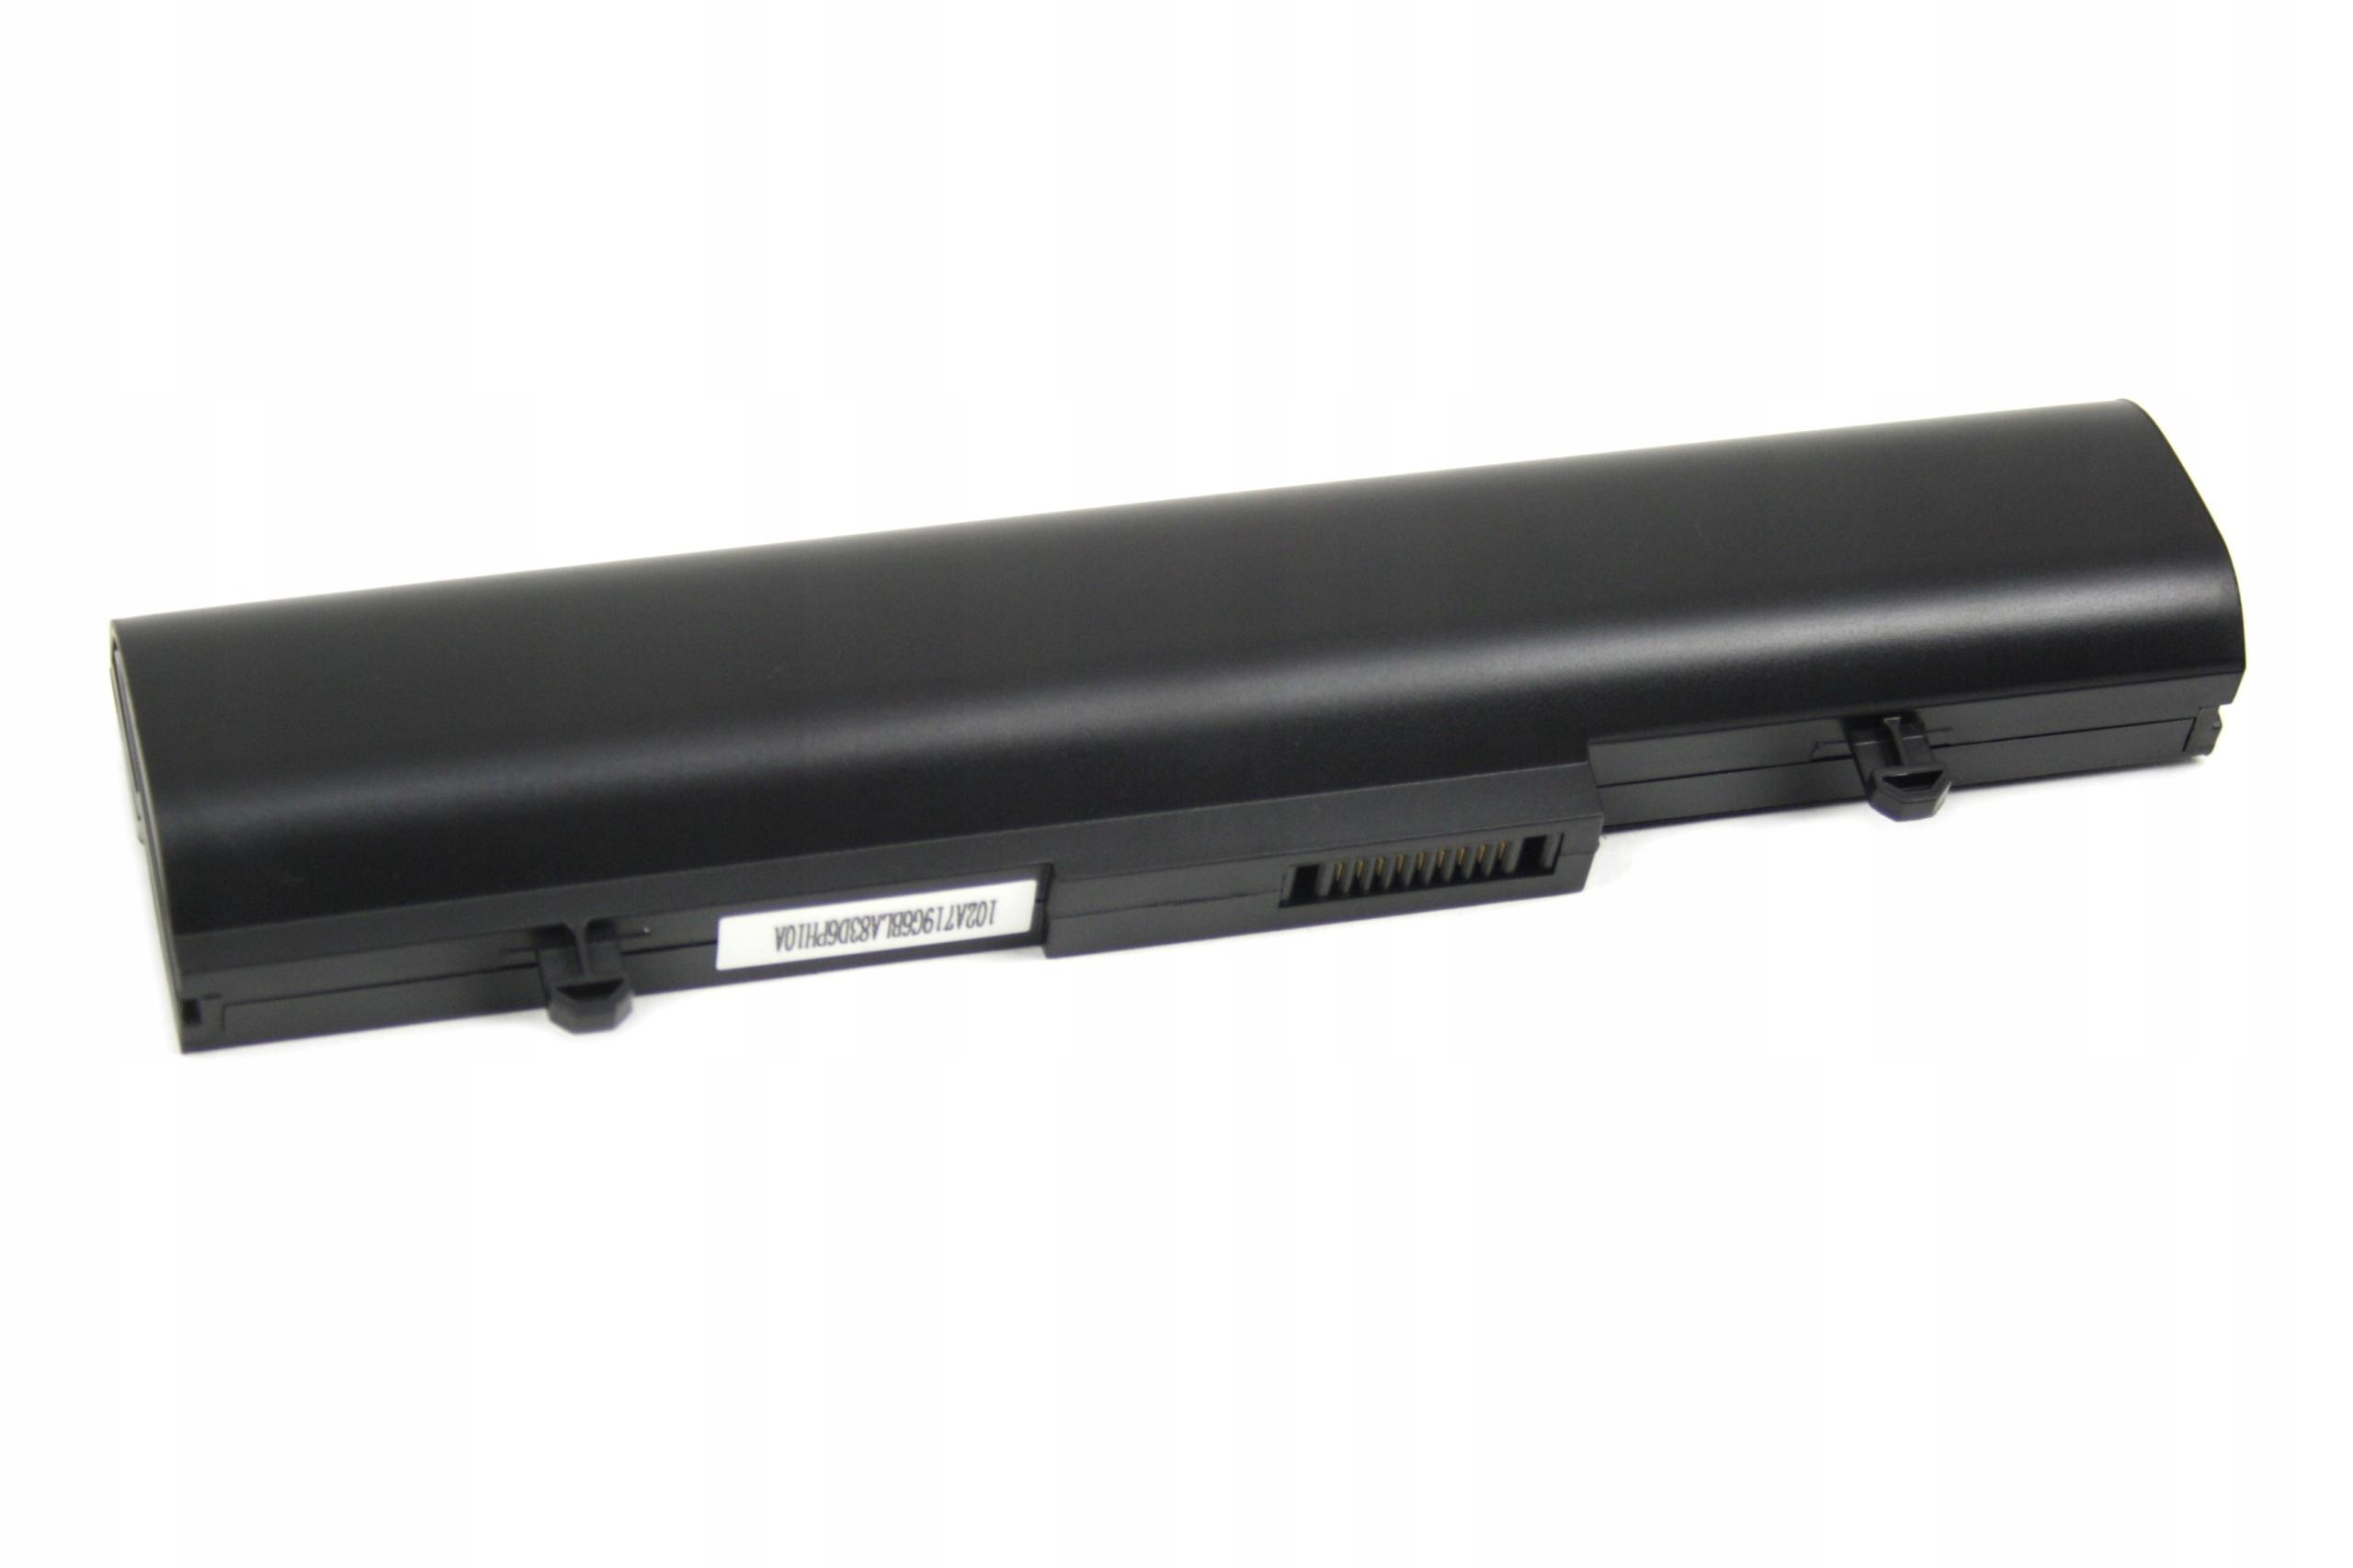 BATERIA AKUMULATOR ASUS EEE PC 1001HA 1001PXD 1005 AL32-1005 - Baterie do laptopów